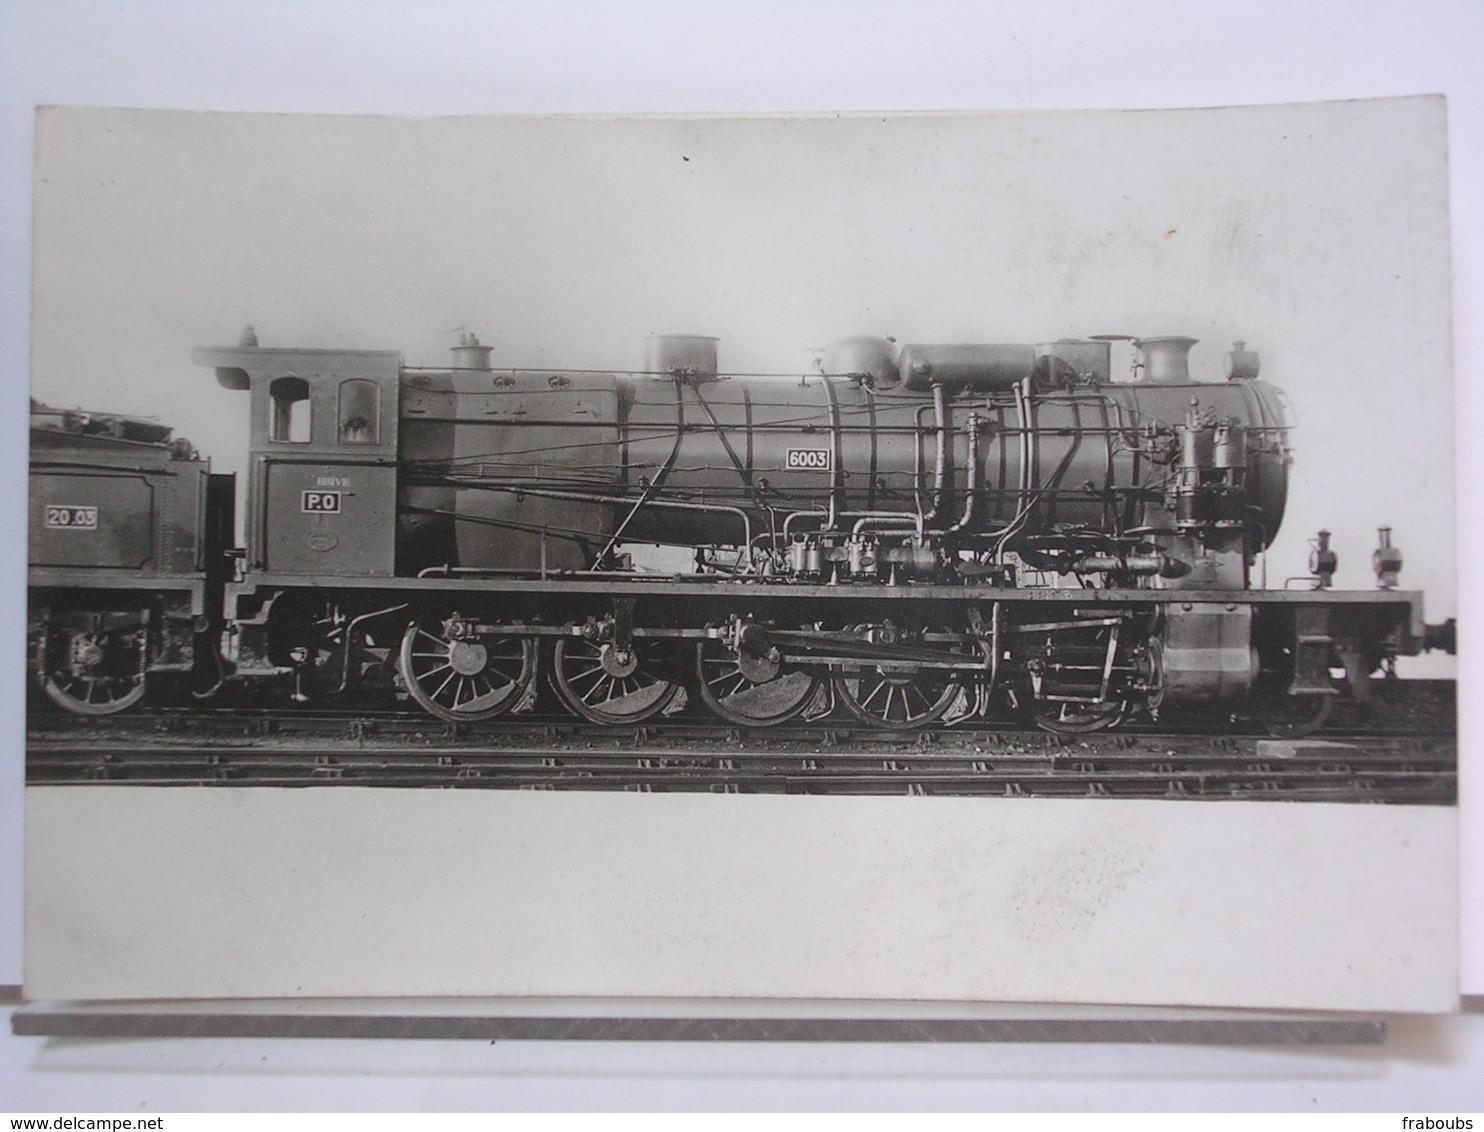 LES LOCOMOTIVES FRANCAISES - P.O. D.47 - MACHINE 6003 A SURCHAUFFEUR SCHMIDT - Trains